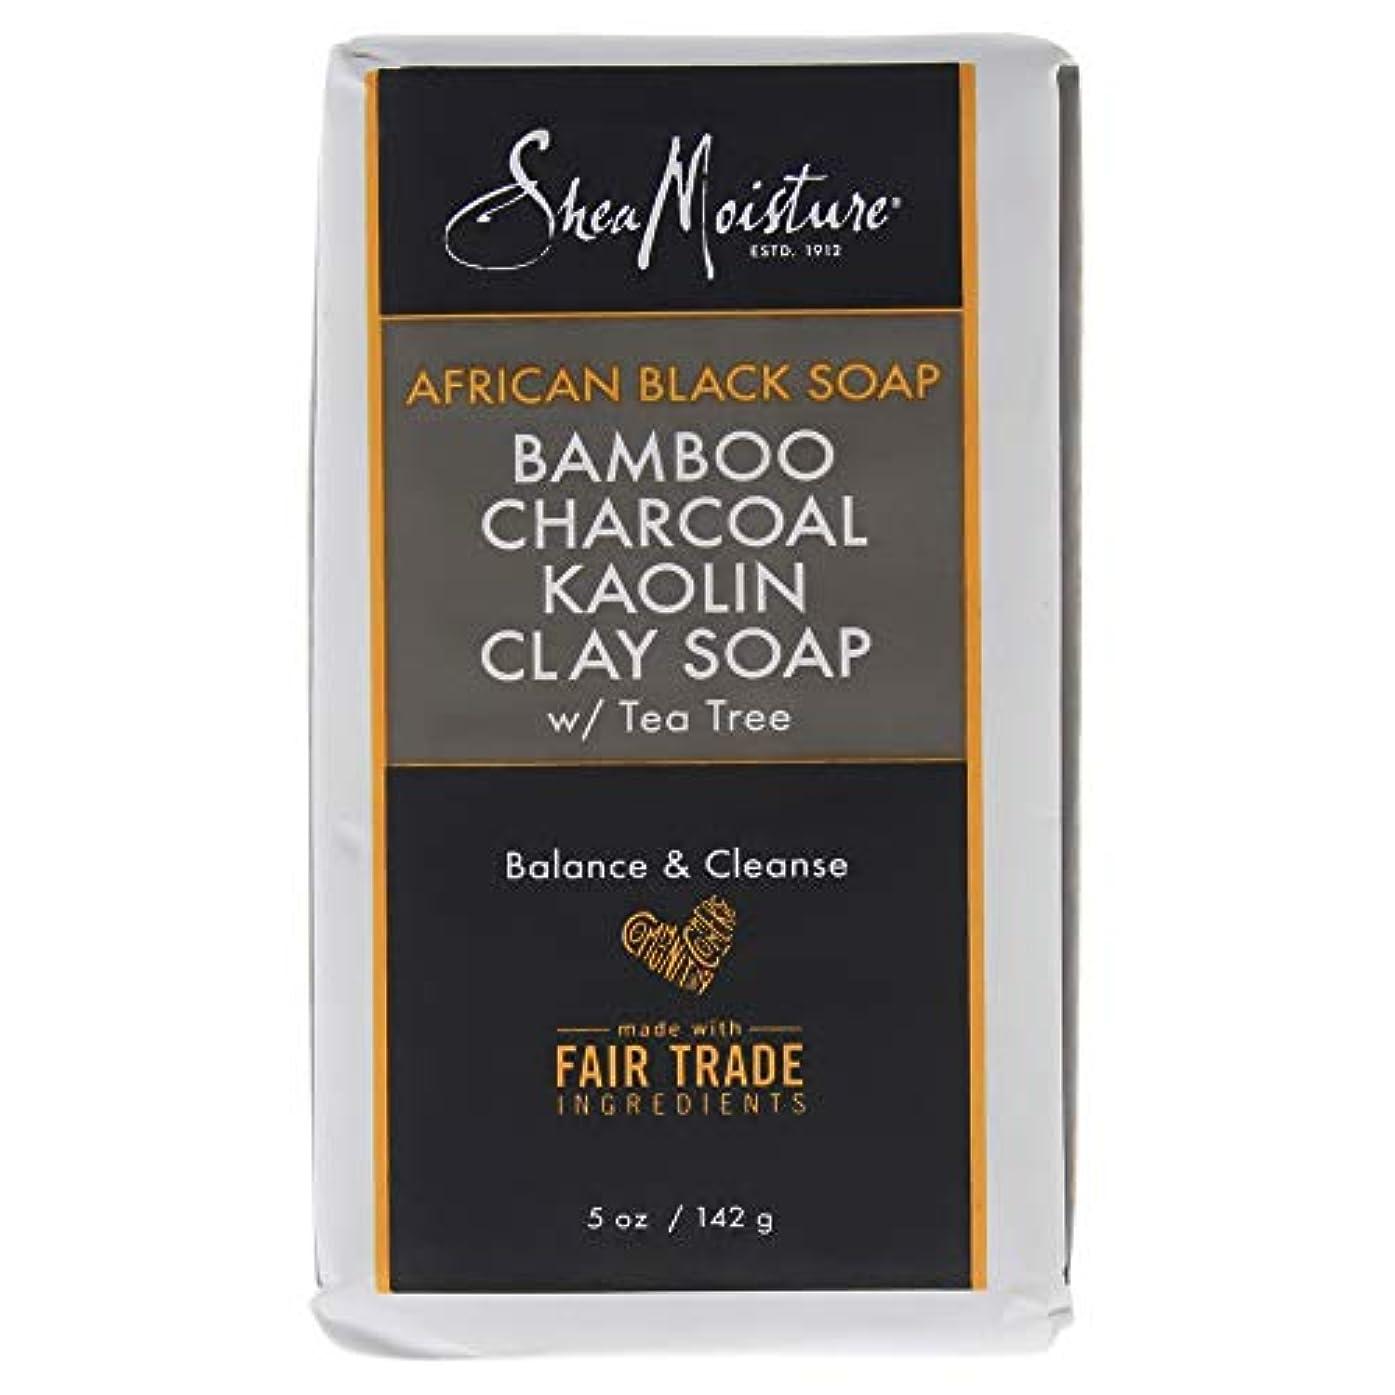 心臓品浅いAfrican Black Soap Bamboo Charcoal Kaolin Clay Soap